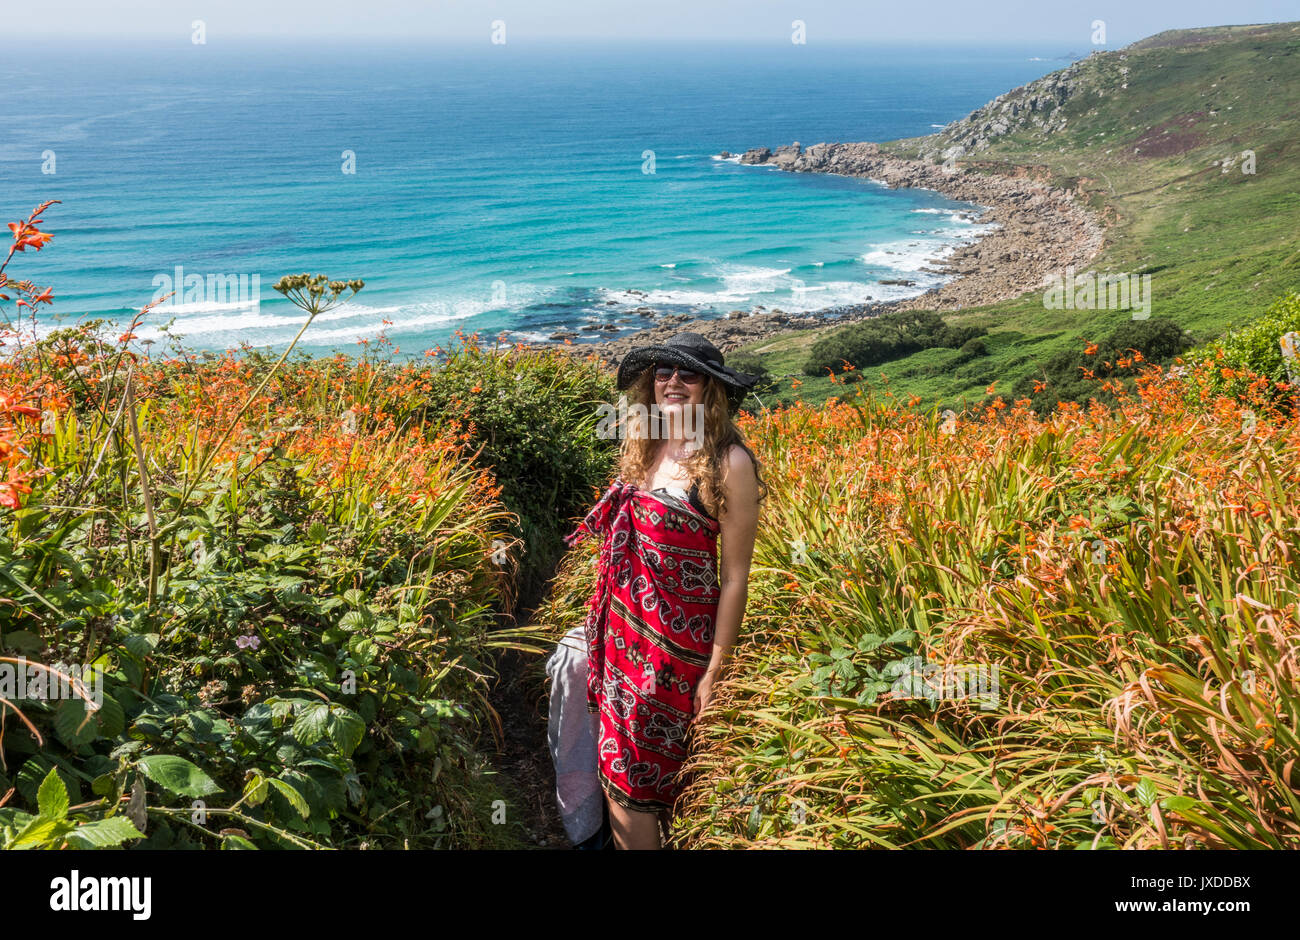 Una bella giovane donna, che indossa un sarong e hat, in piedi su uno stretto sentiero che conduce alla spiaggia di Gwynver, Cornwall, Inghilterra, Regno Unito. Immagini Stock